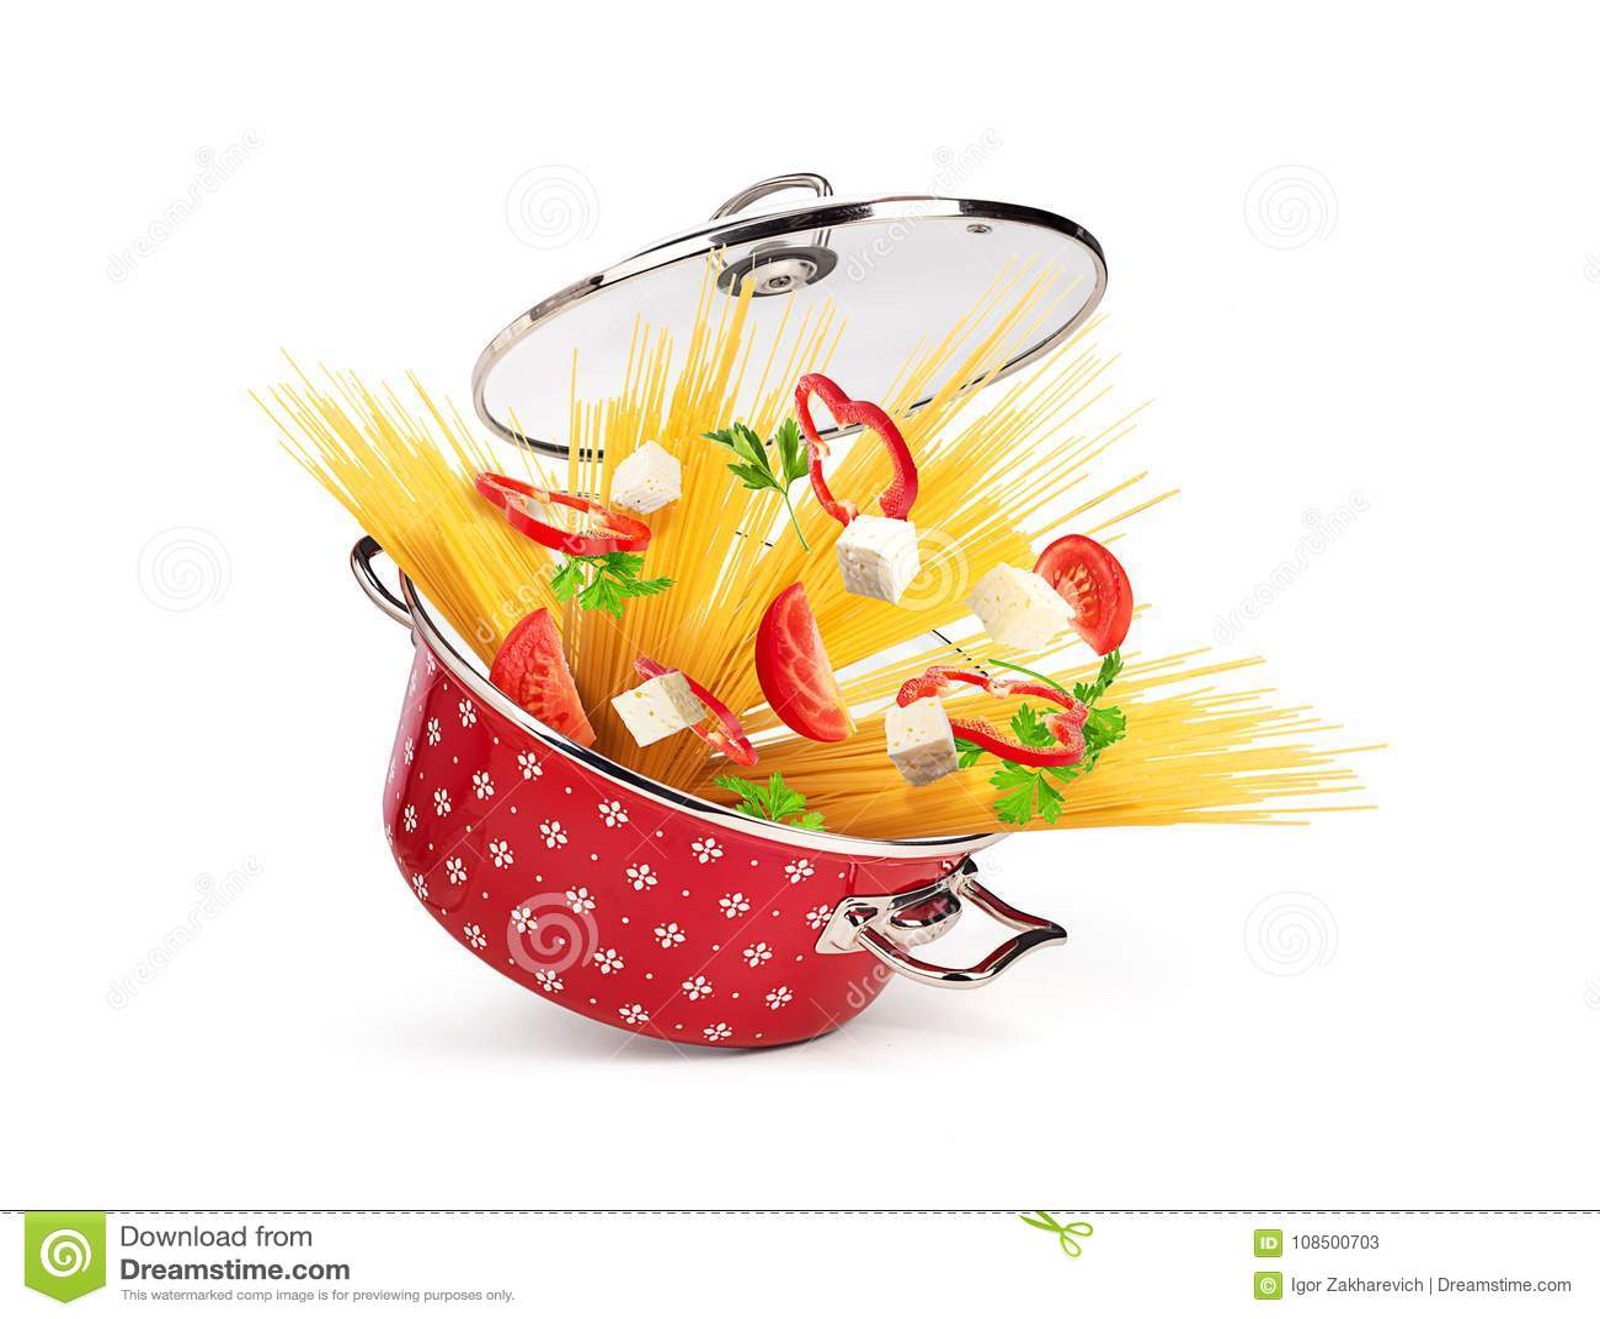 有面团和乳酪的,菜红色平底深锅,被隔绝